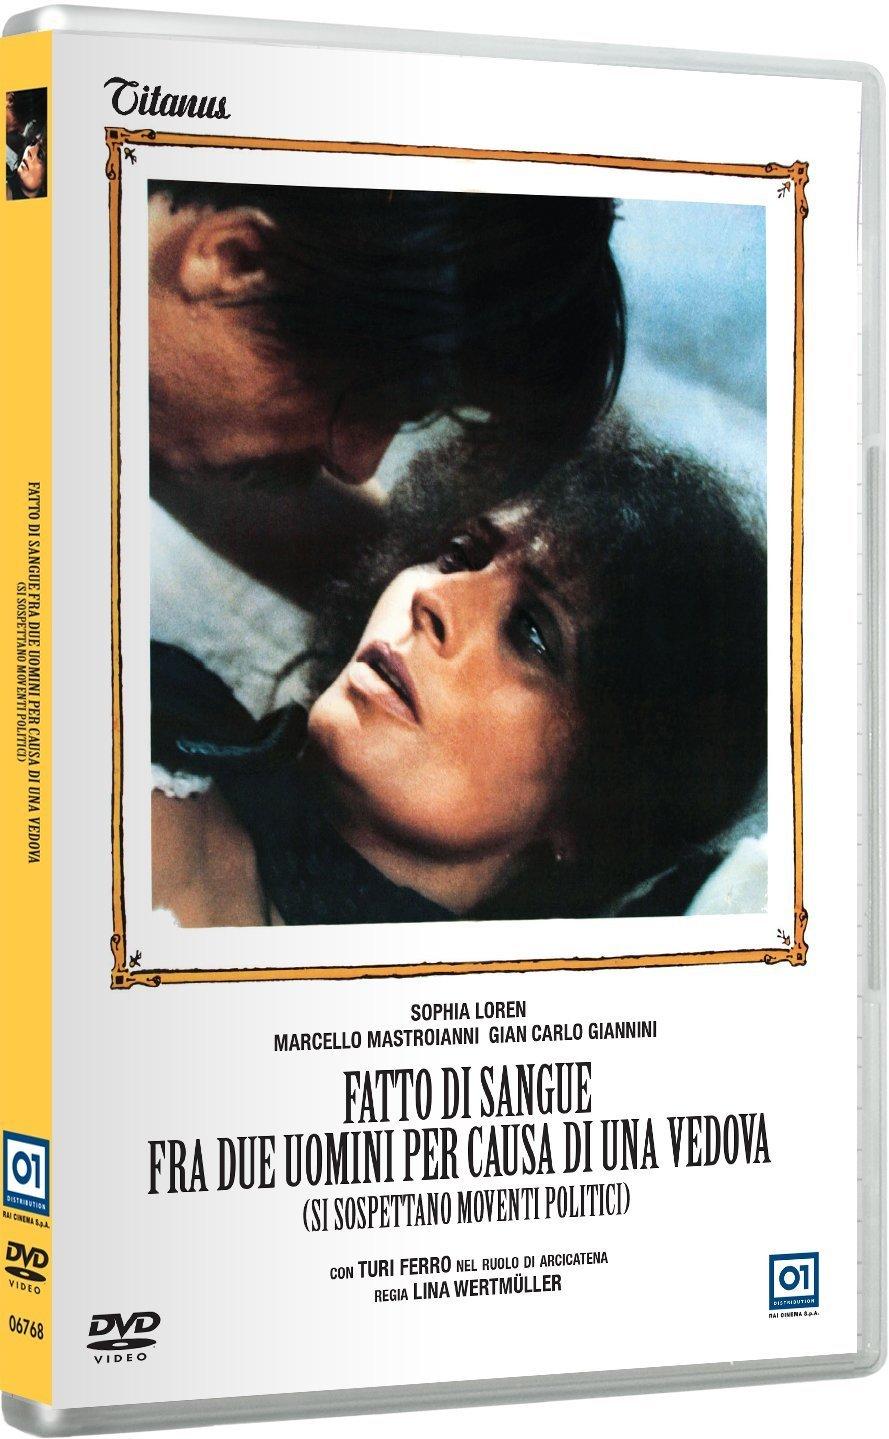 Cover Dvd DVD Fatto di sangue tra due uomini per causa di una vedova (si sospettano moventi politici)